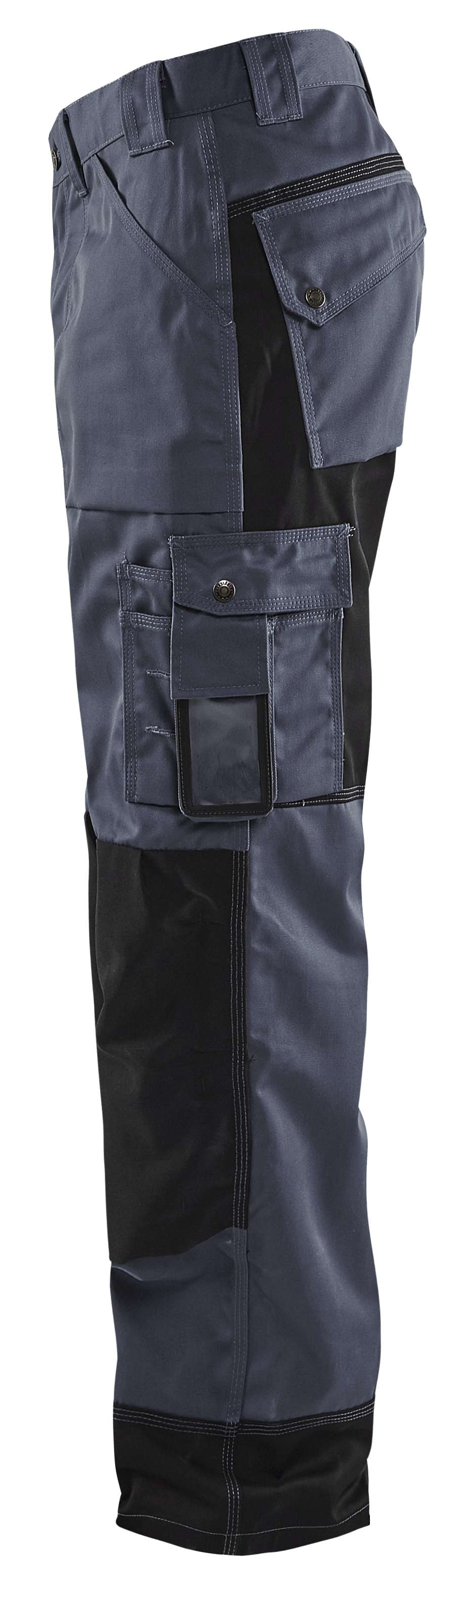 Blaklader Werkbroeken 15231860 grijs-zwart(9499)